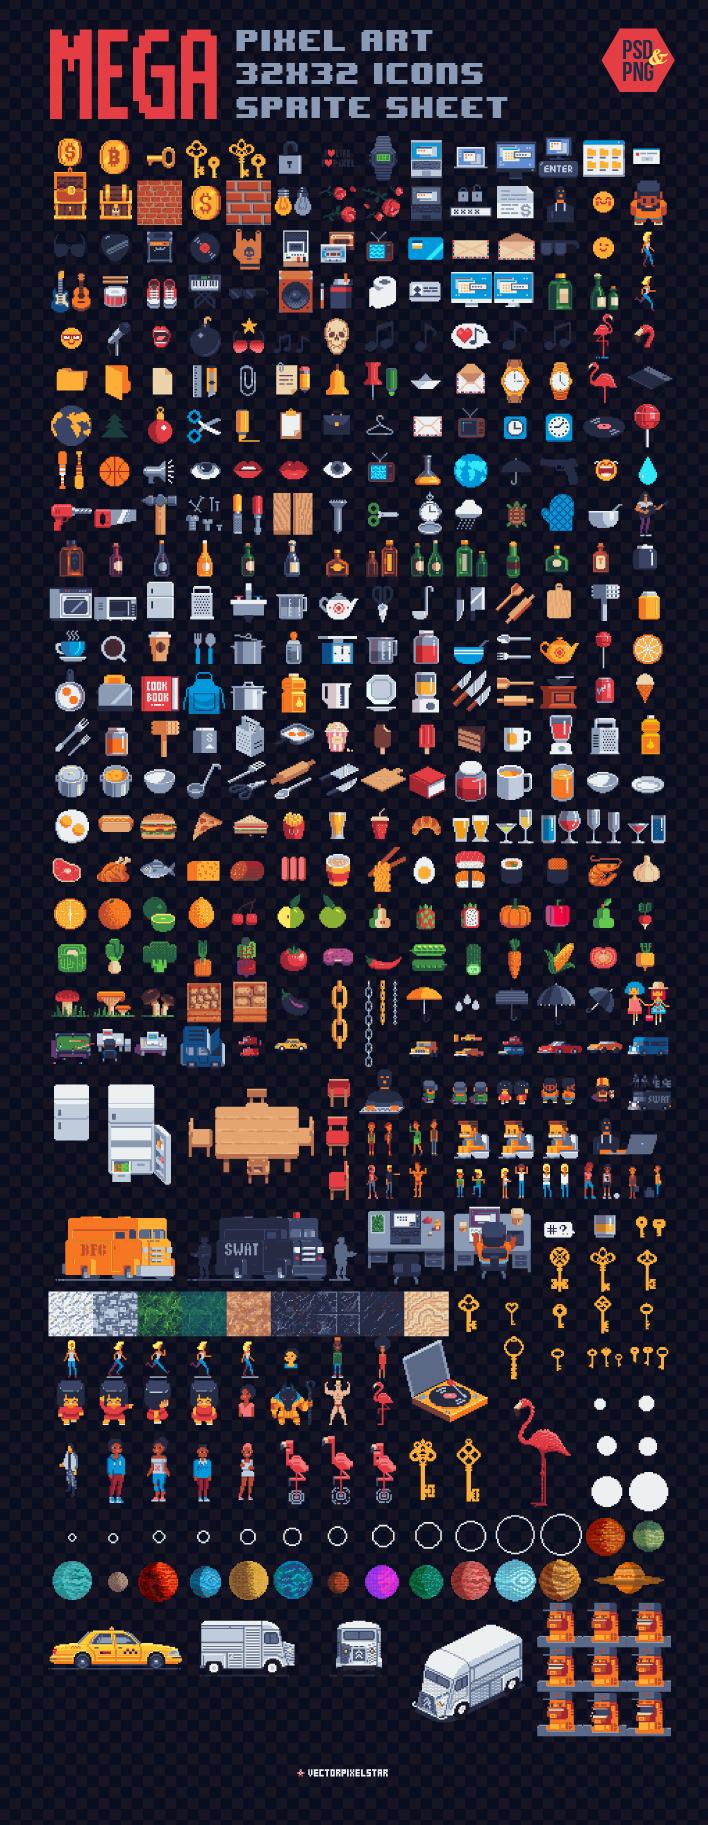 images?q=tbn:ANd9GcQh_l3eQ5xwiPy07kGEXjmjgmBKBRB7H2mRxCGhv1tFWg5c_mWT Pixel Art 32x32 @koolgadgetz.com.info